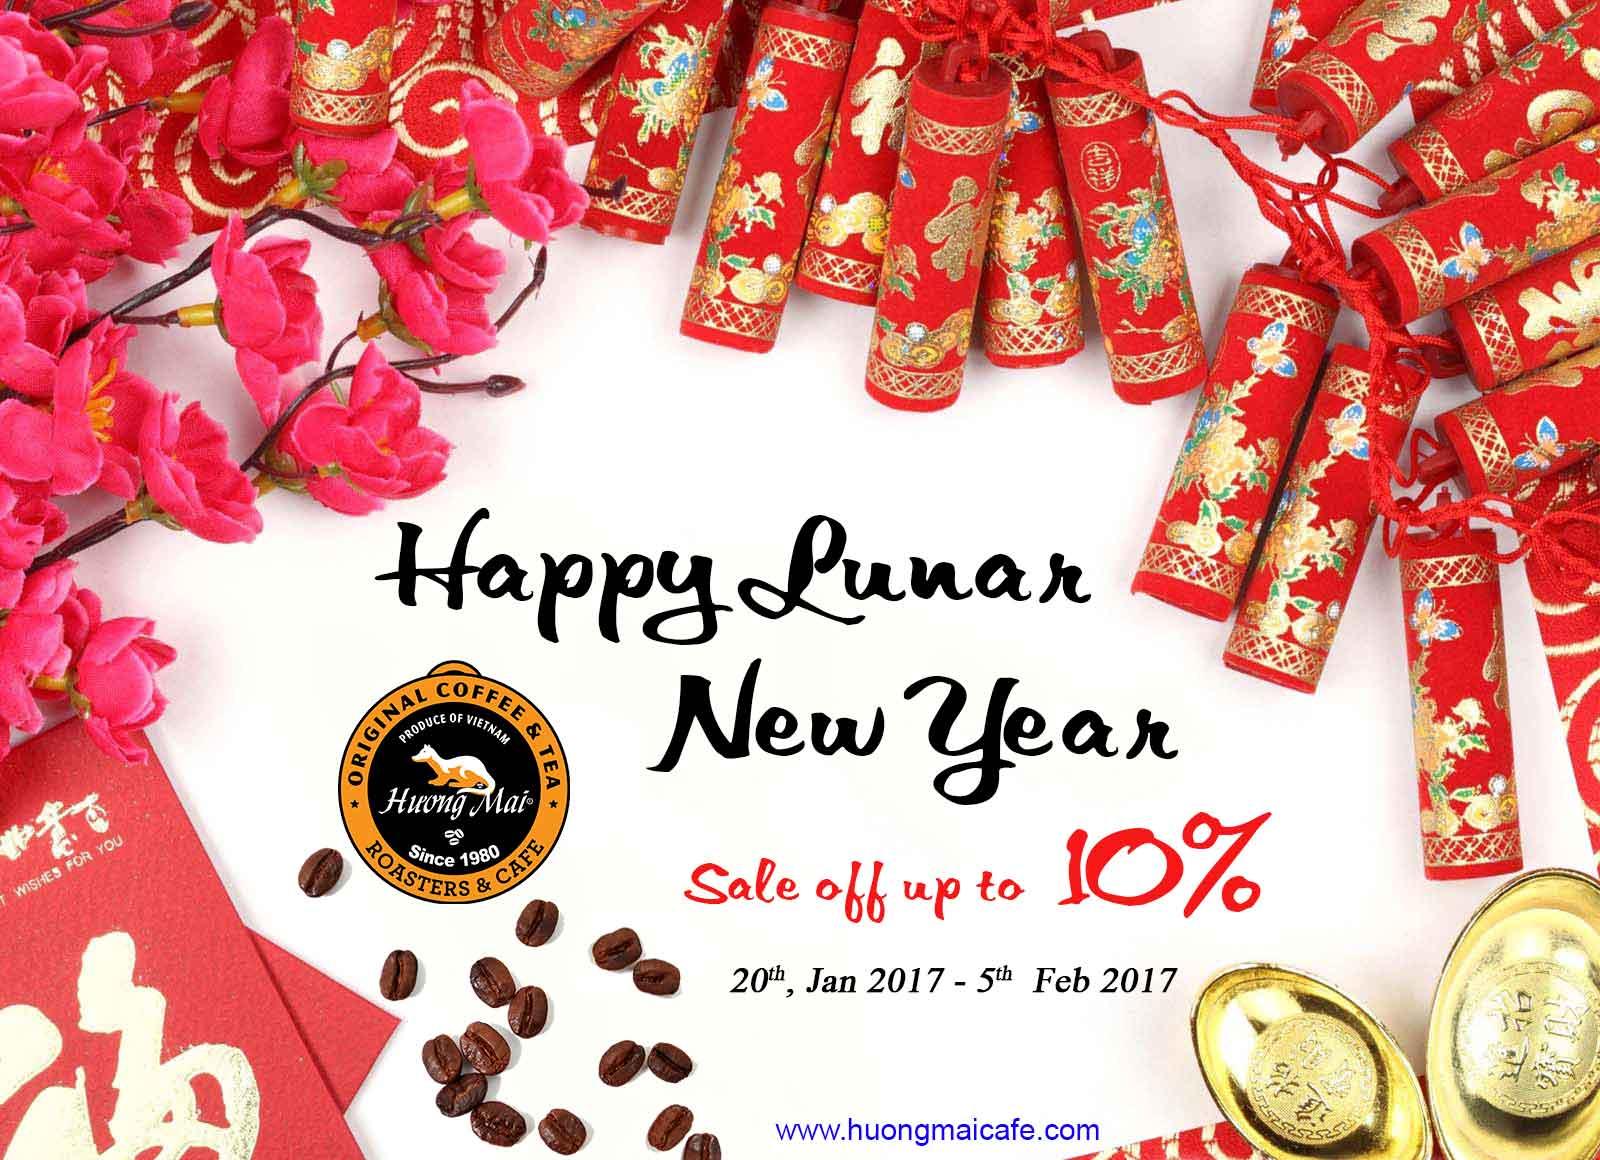 happy-lunar-new-year-2017